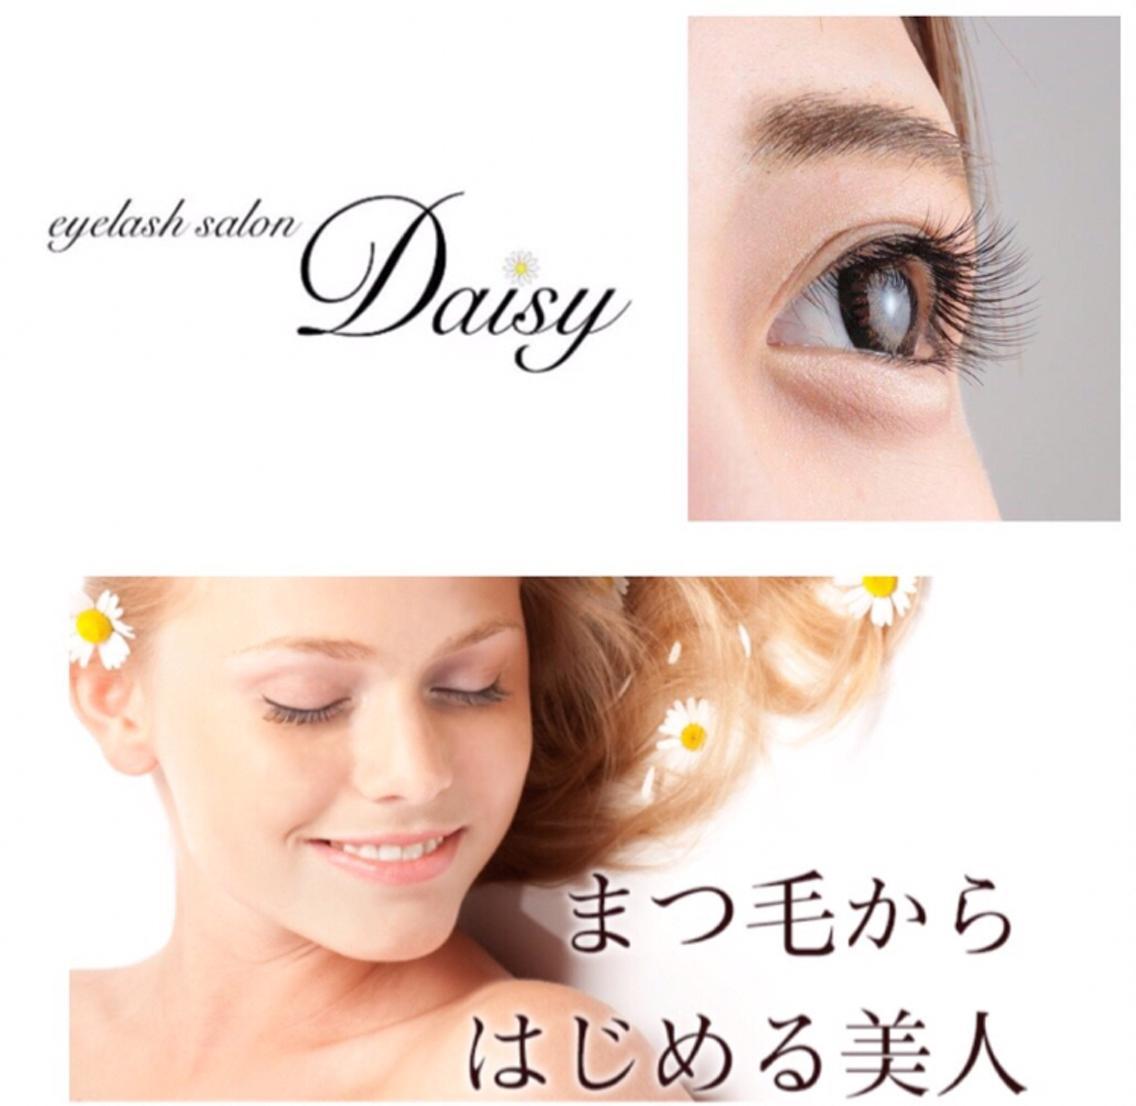 eyelashsalon.Daisy所属・沓名クツナの掲載